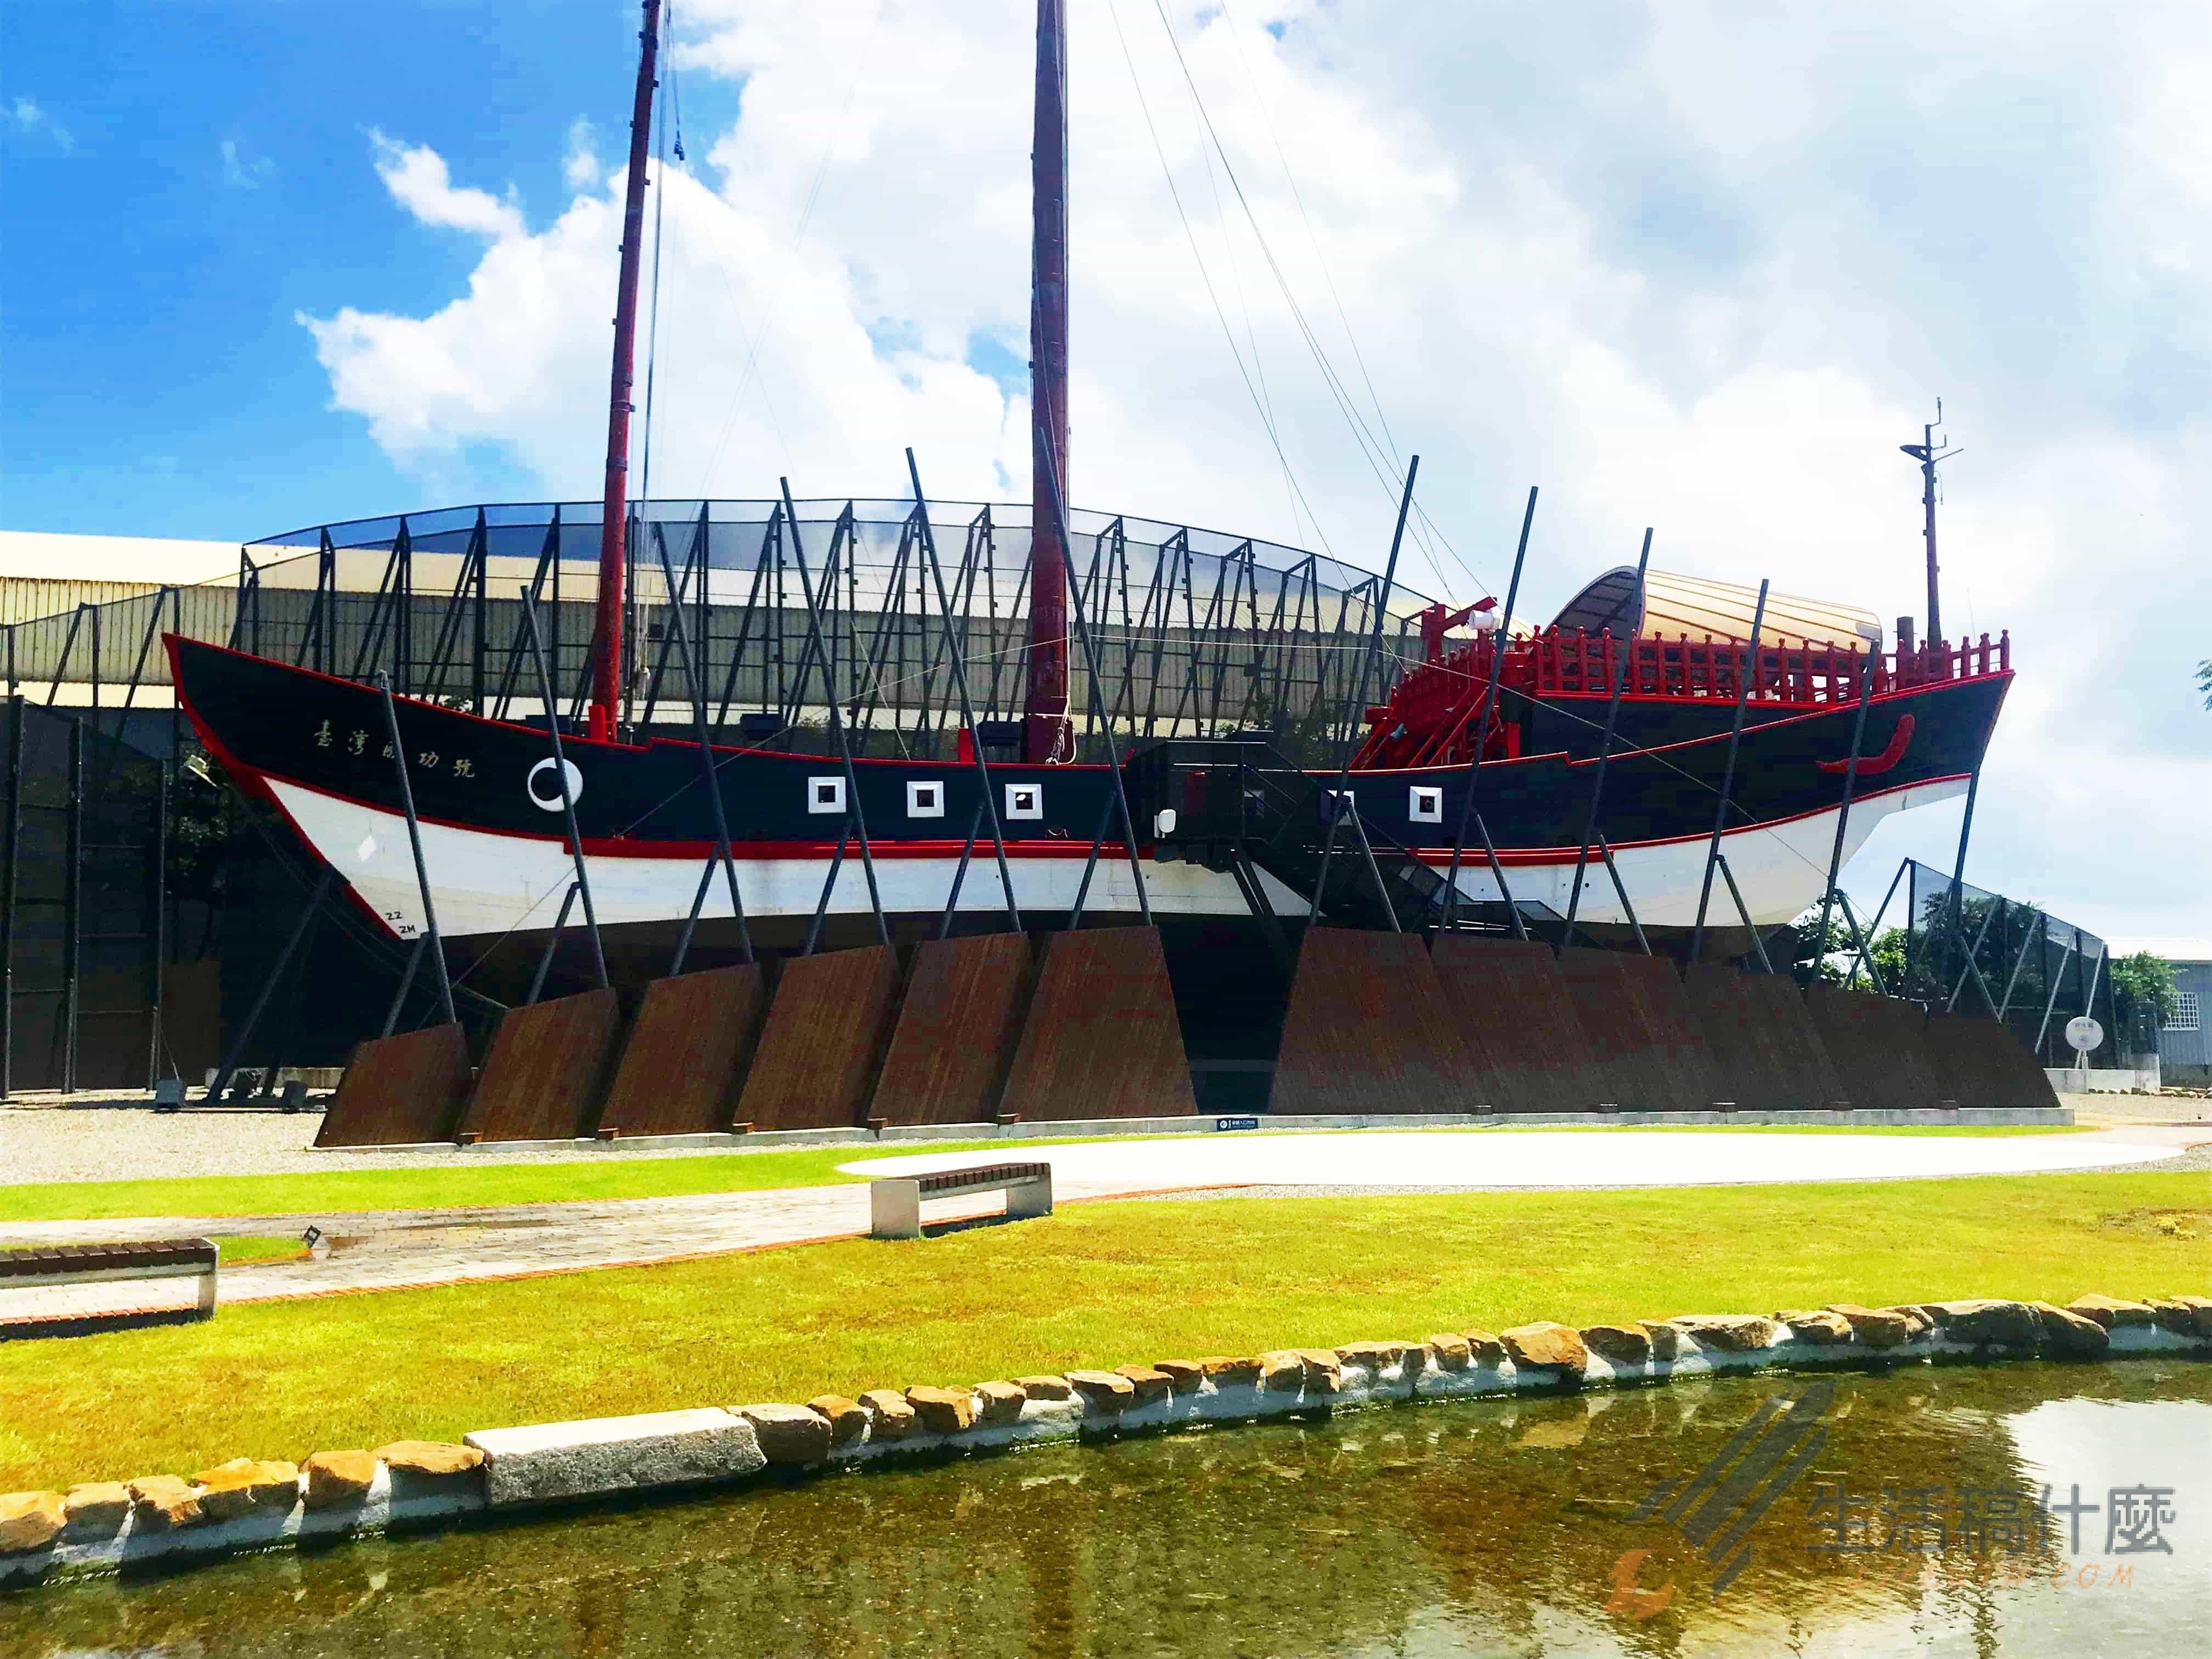 台南安平新景點   1661臺灣船園區大航海時代古船成功號